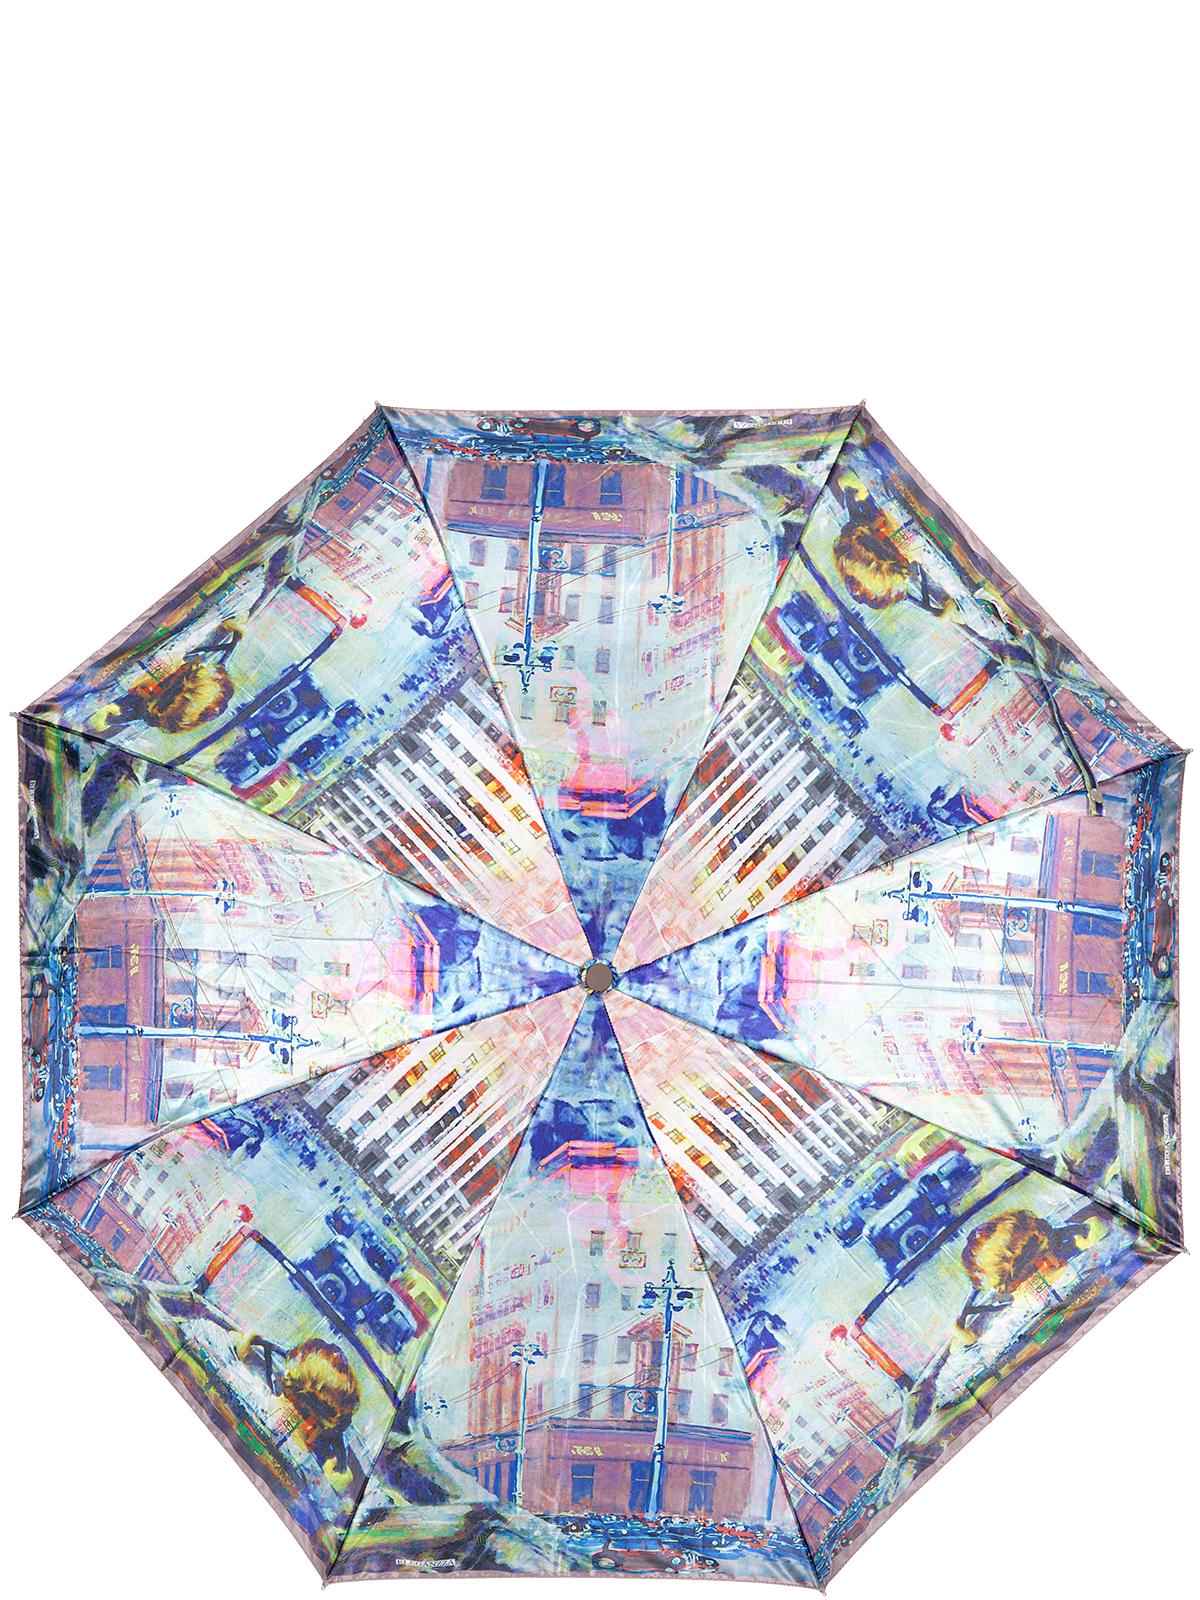 Зонт женский Eleganzza, цвет: оливковый. A3-05-0315LSA3-05-0315LSЖенский зонт-автомат торговой марки Eleganzza с каркасом Smart, который позволяет без особых усилий складывать зонт, не позволяя стержню вылетать обратно. Купол: 100% полиэстер, сатин. Материал каркаса: сталь + фибергласс. Материал ручки: пластик. Длина изделия - 30 см. Диаметр купола - 105 см. Система Smart, не позволяет стержню при сложении вылететь обратно, это облегчает сложение зонта! При сложении есть характерный звук-треск, как трещетка. Примечание: зонт не откроется с кнопки если его не закрыть до щелчка.